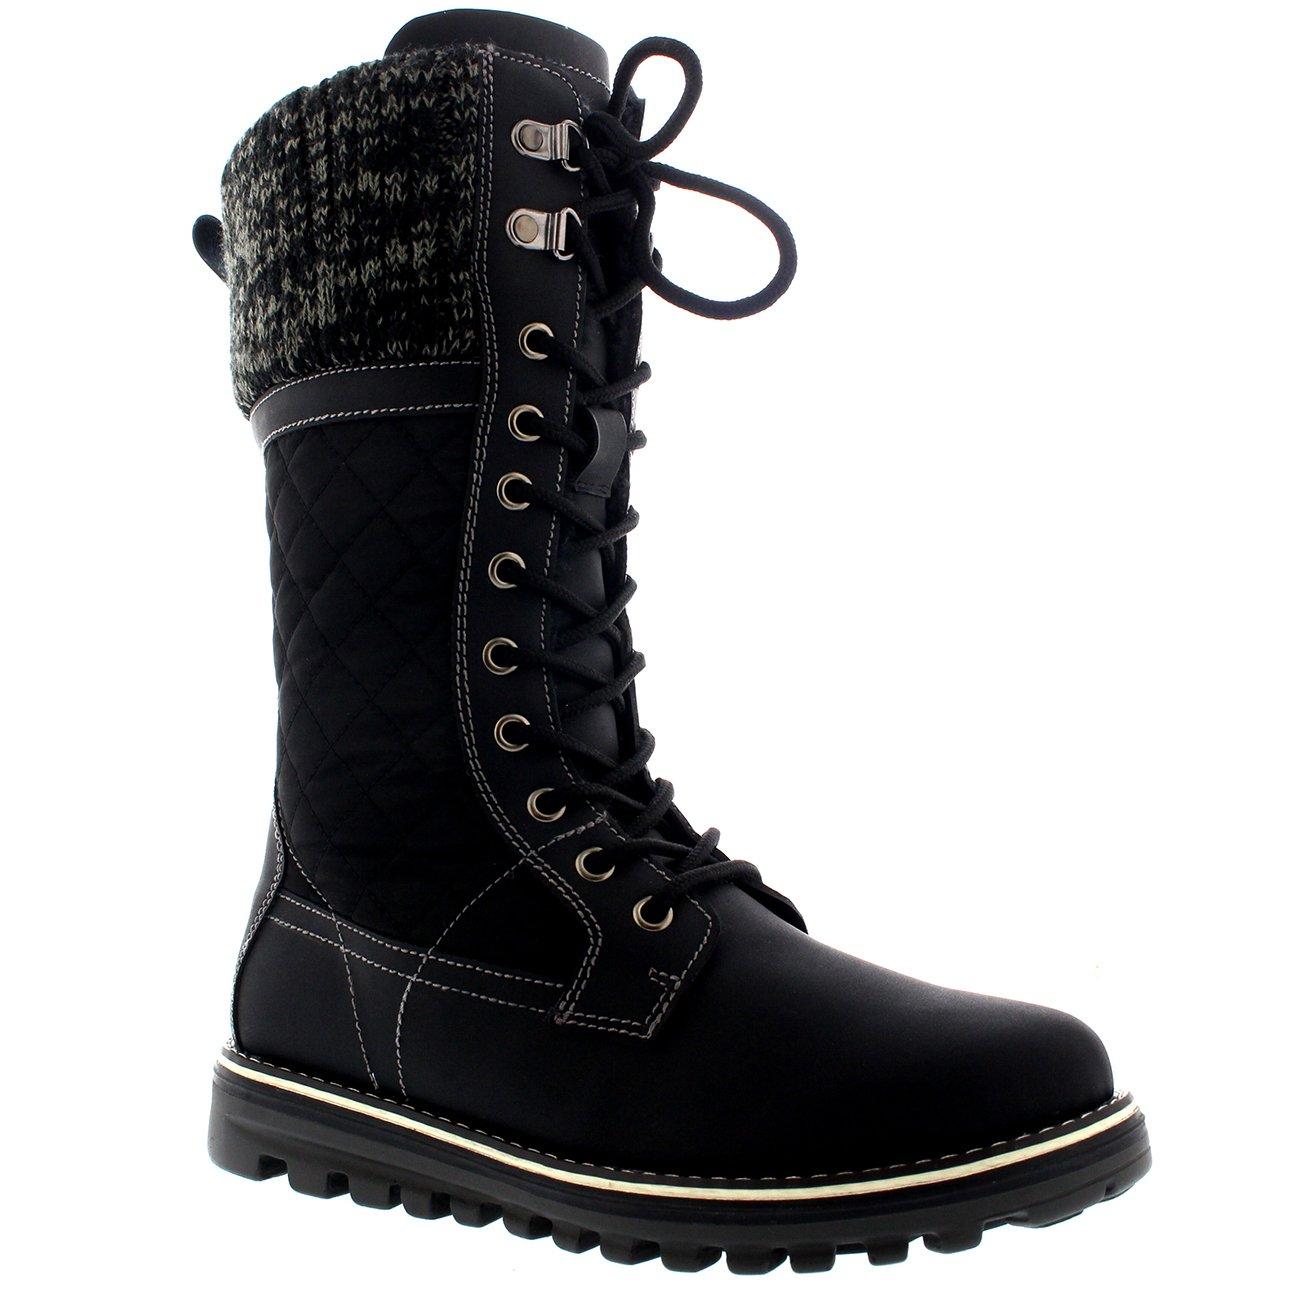 5c8fcaffc45e4 Polarr Femmes Neige Durable Thermique Hiver Warm Imperméable Mi-Mollet  Bottes  Amazon.fr  Chaussures et Sacs